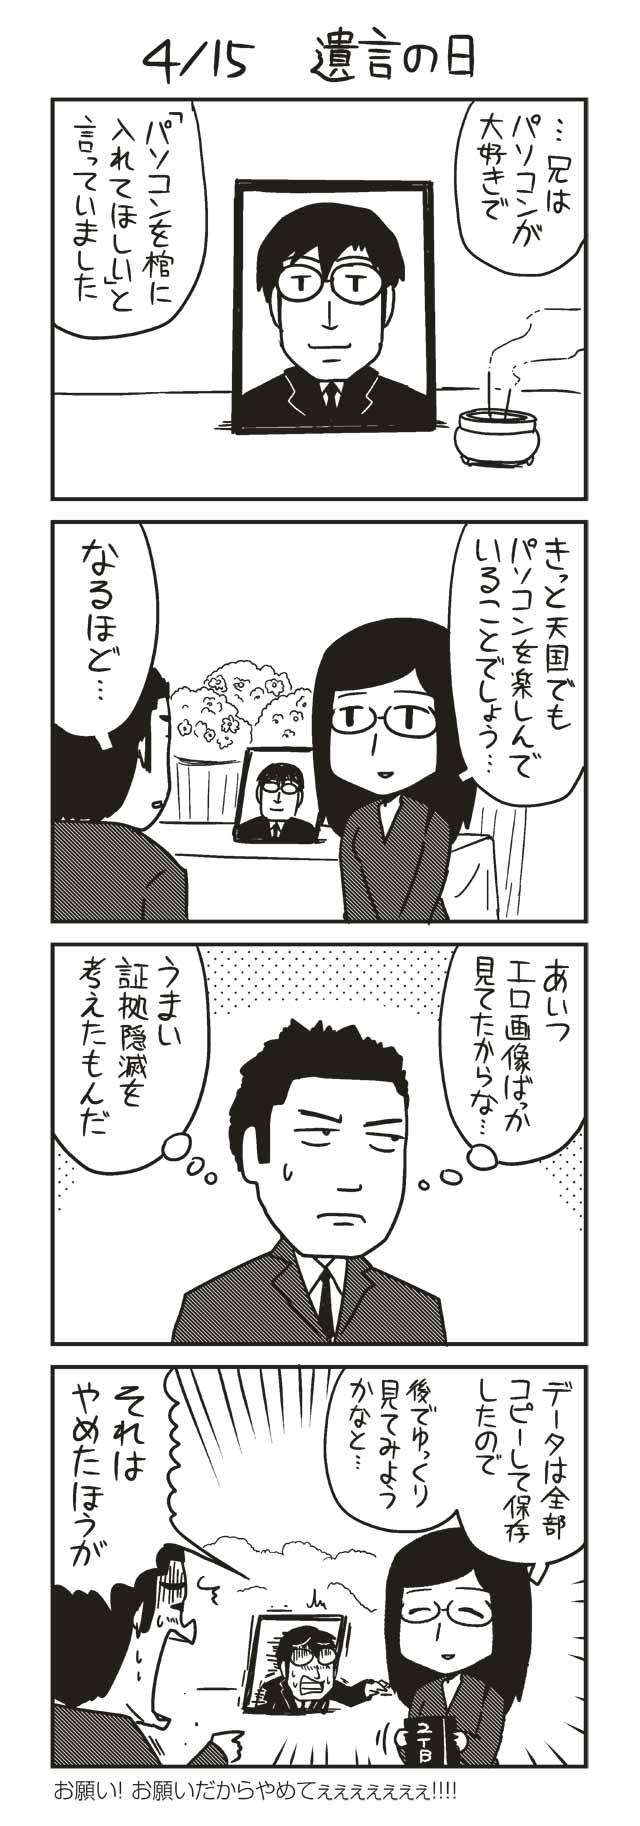 4/15 遺言の日 『ノヒマンガ』 ポン